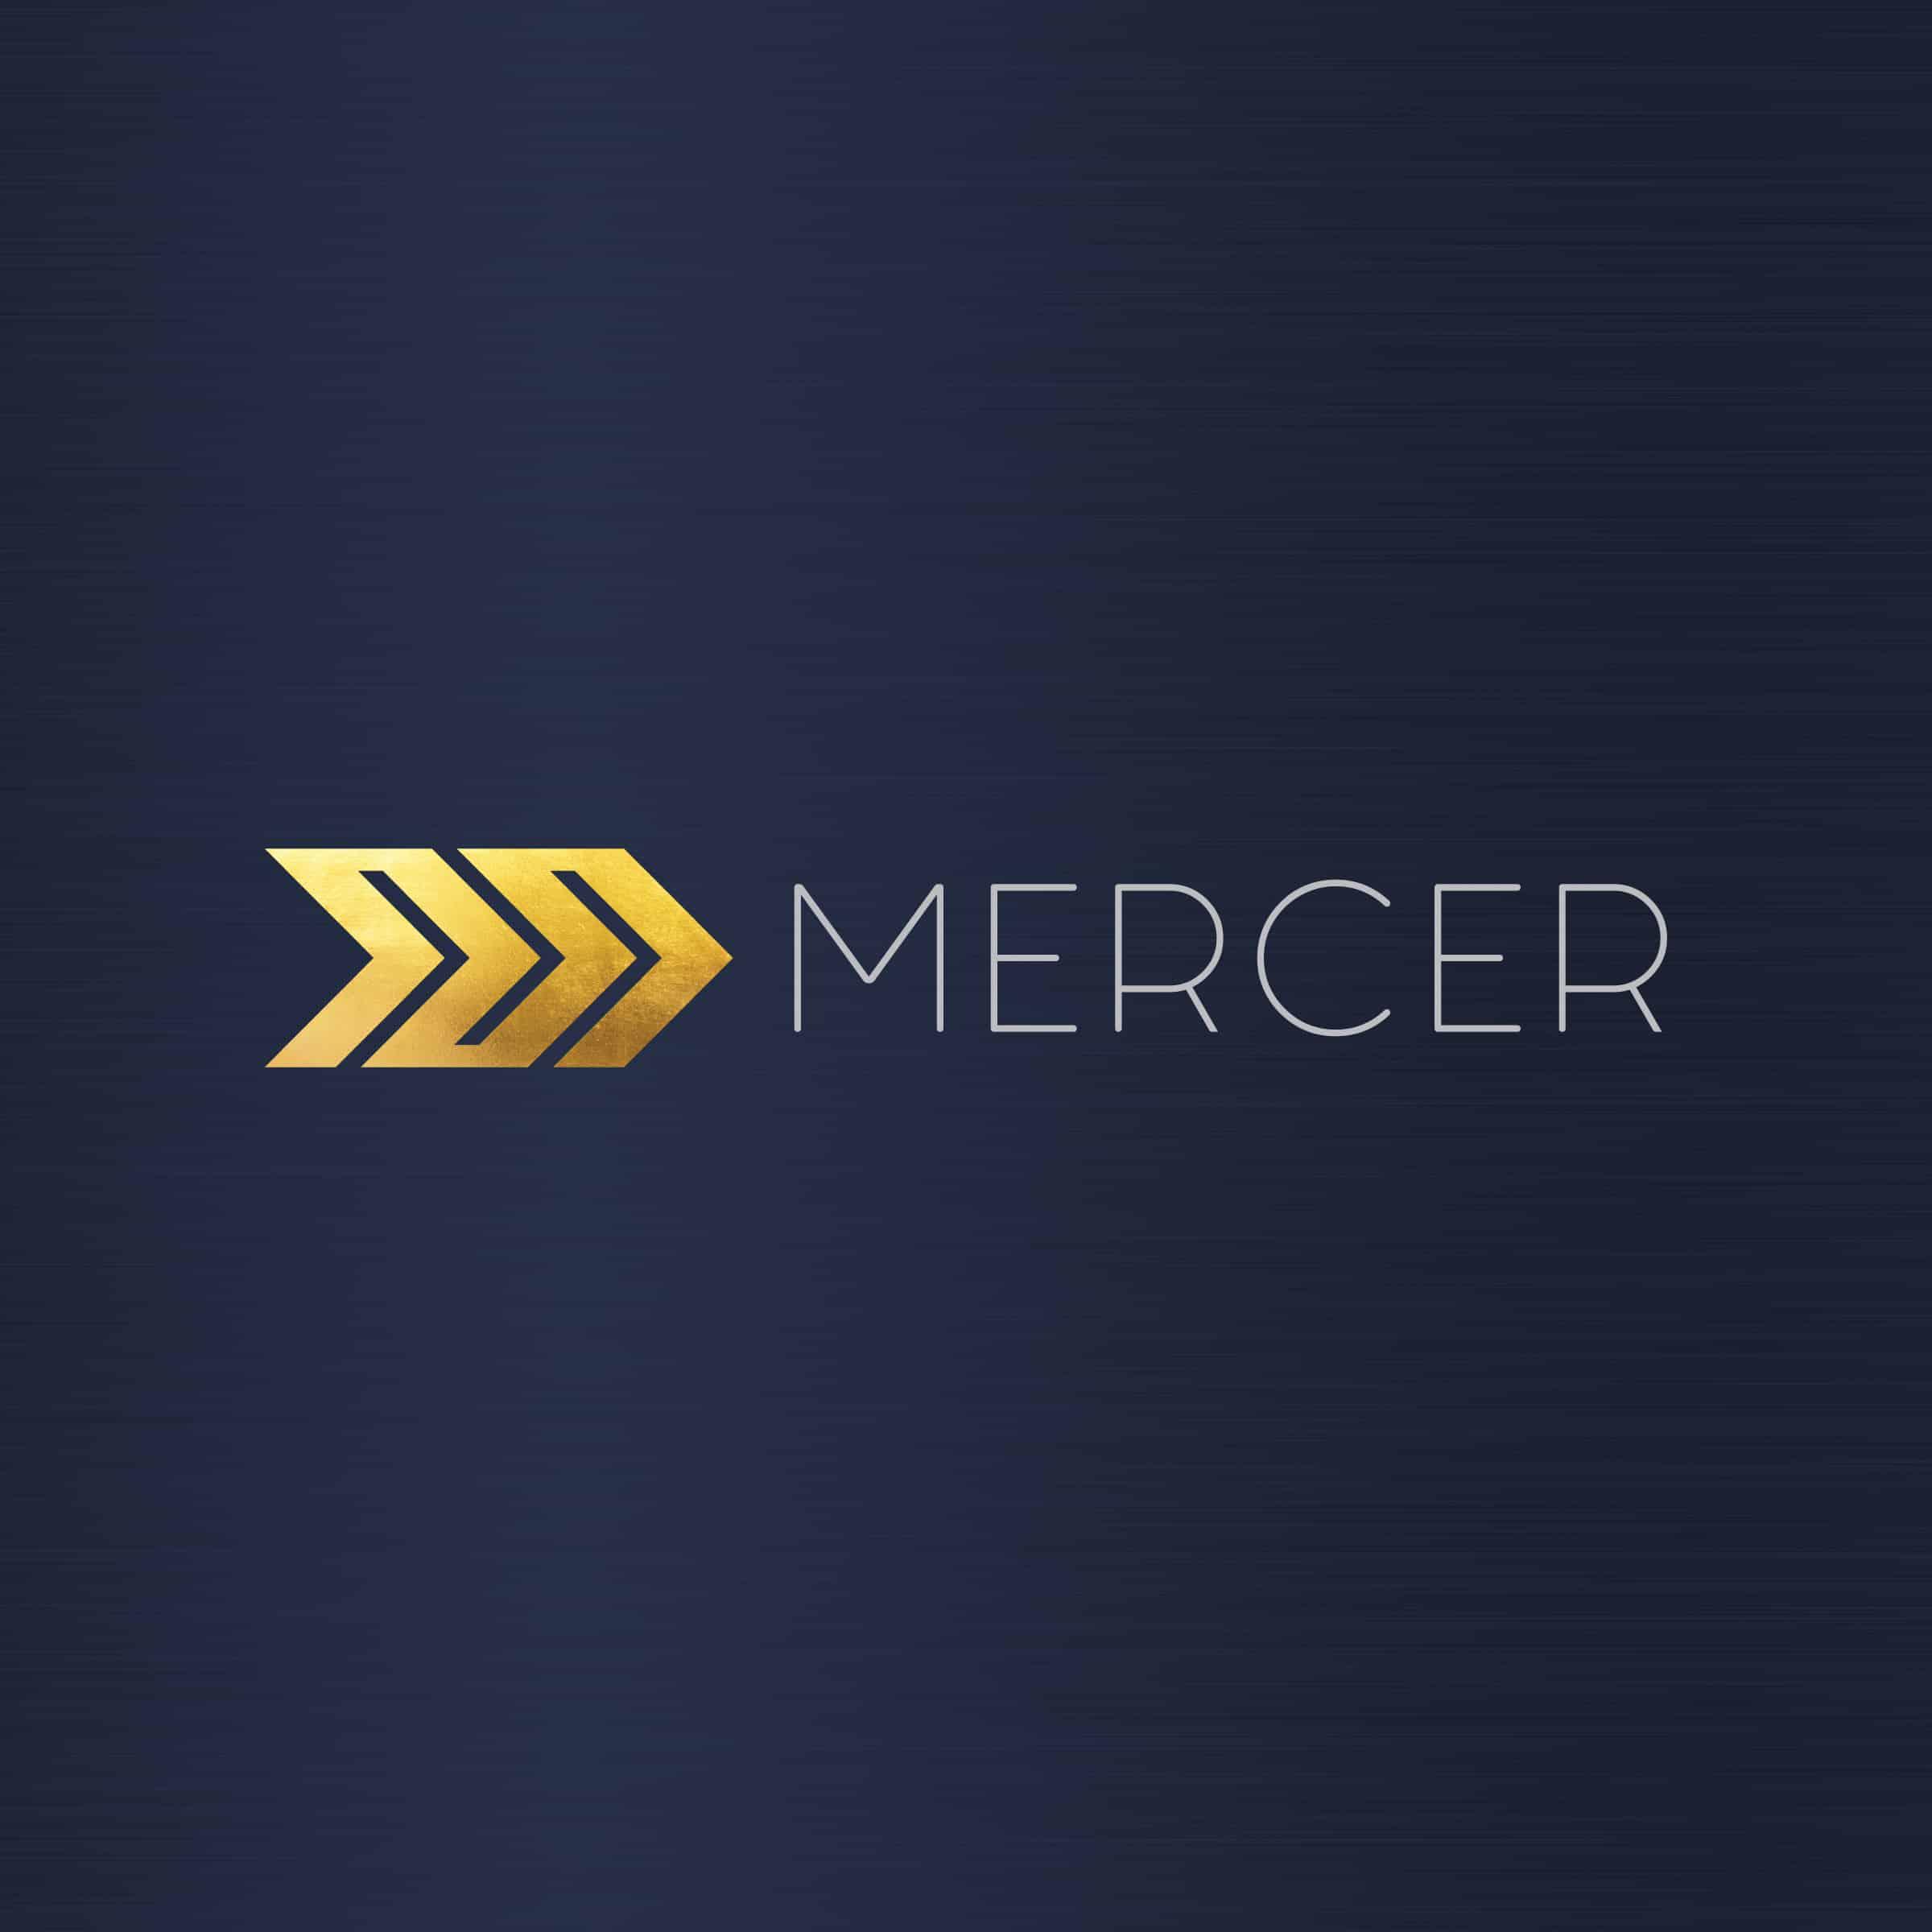 Logo Design & Brand Development for Mercer